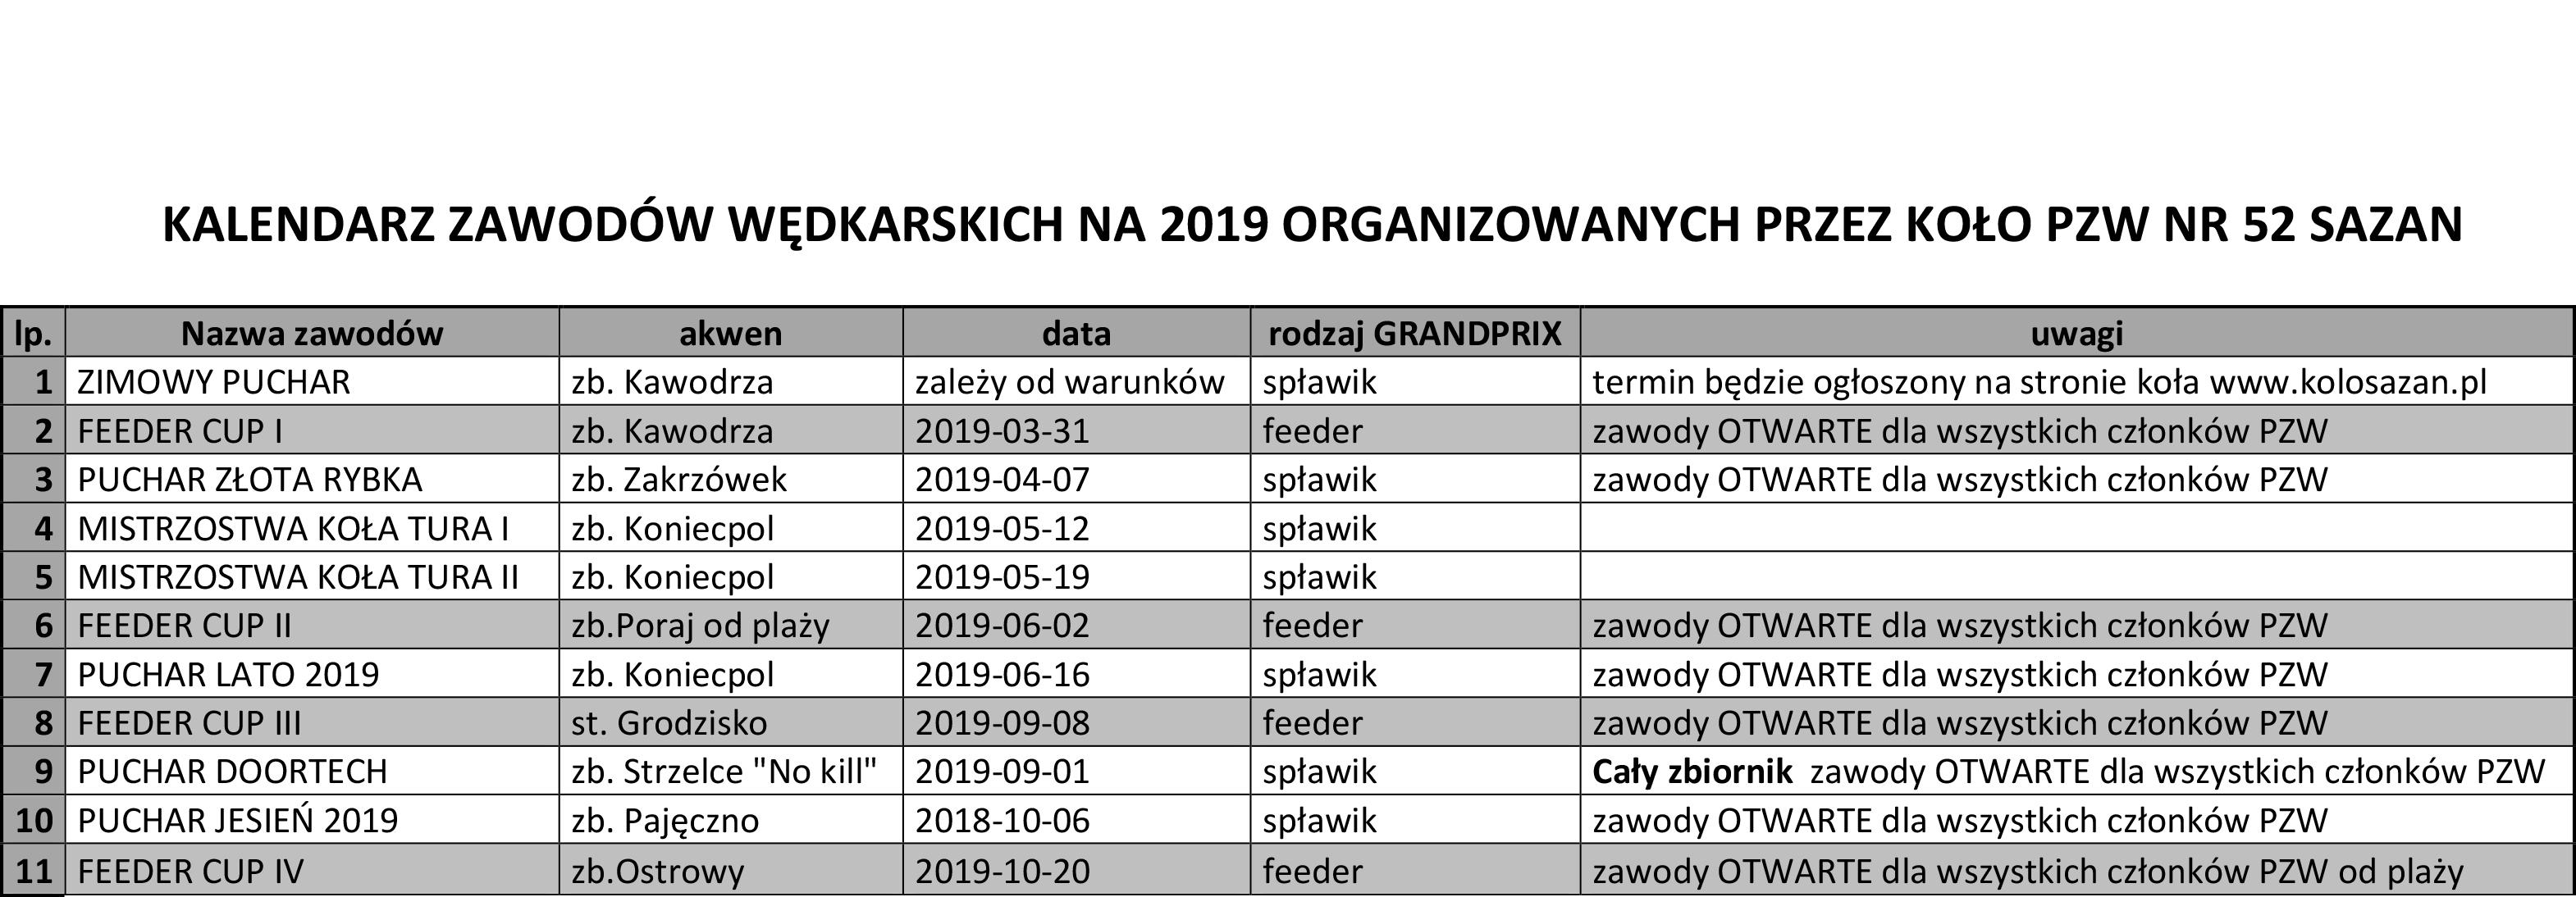 Kalendarz zawodów na 2019 rok